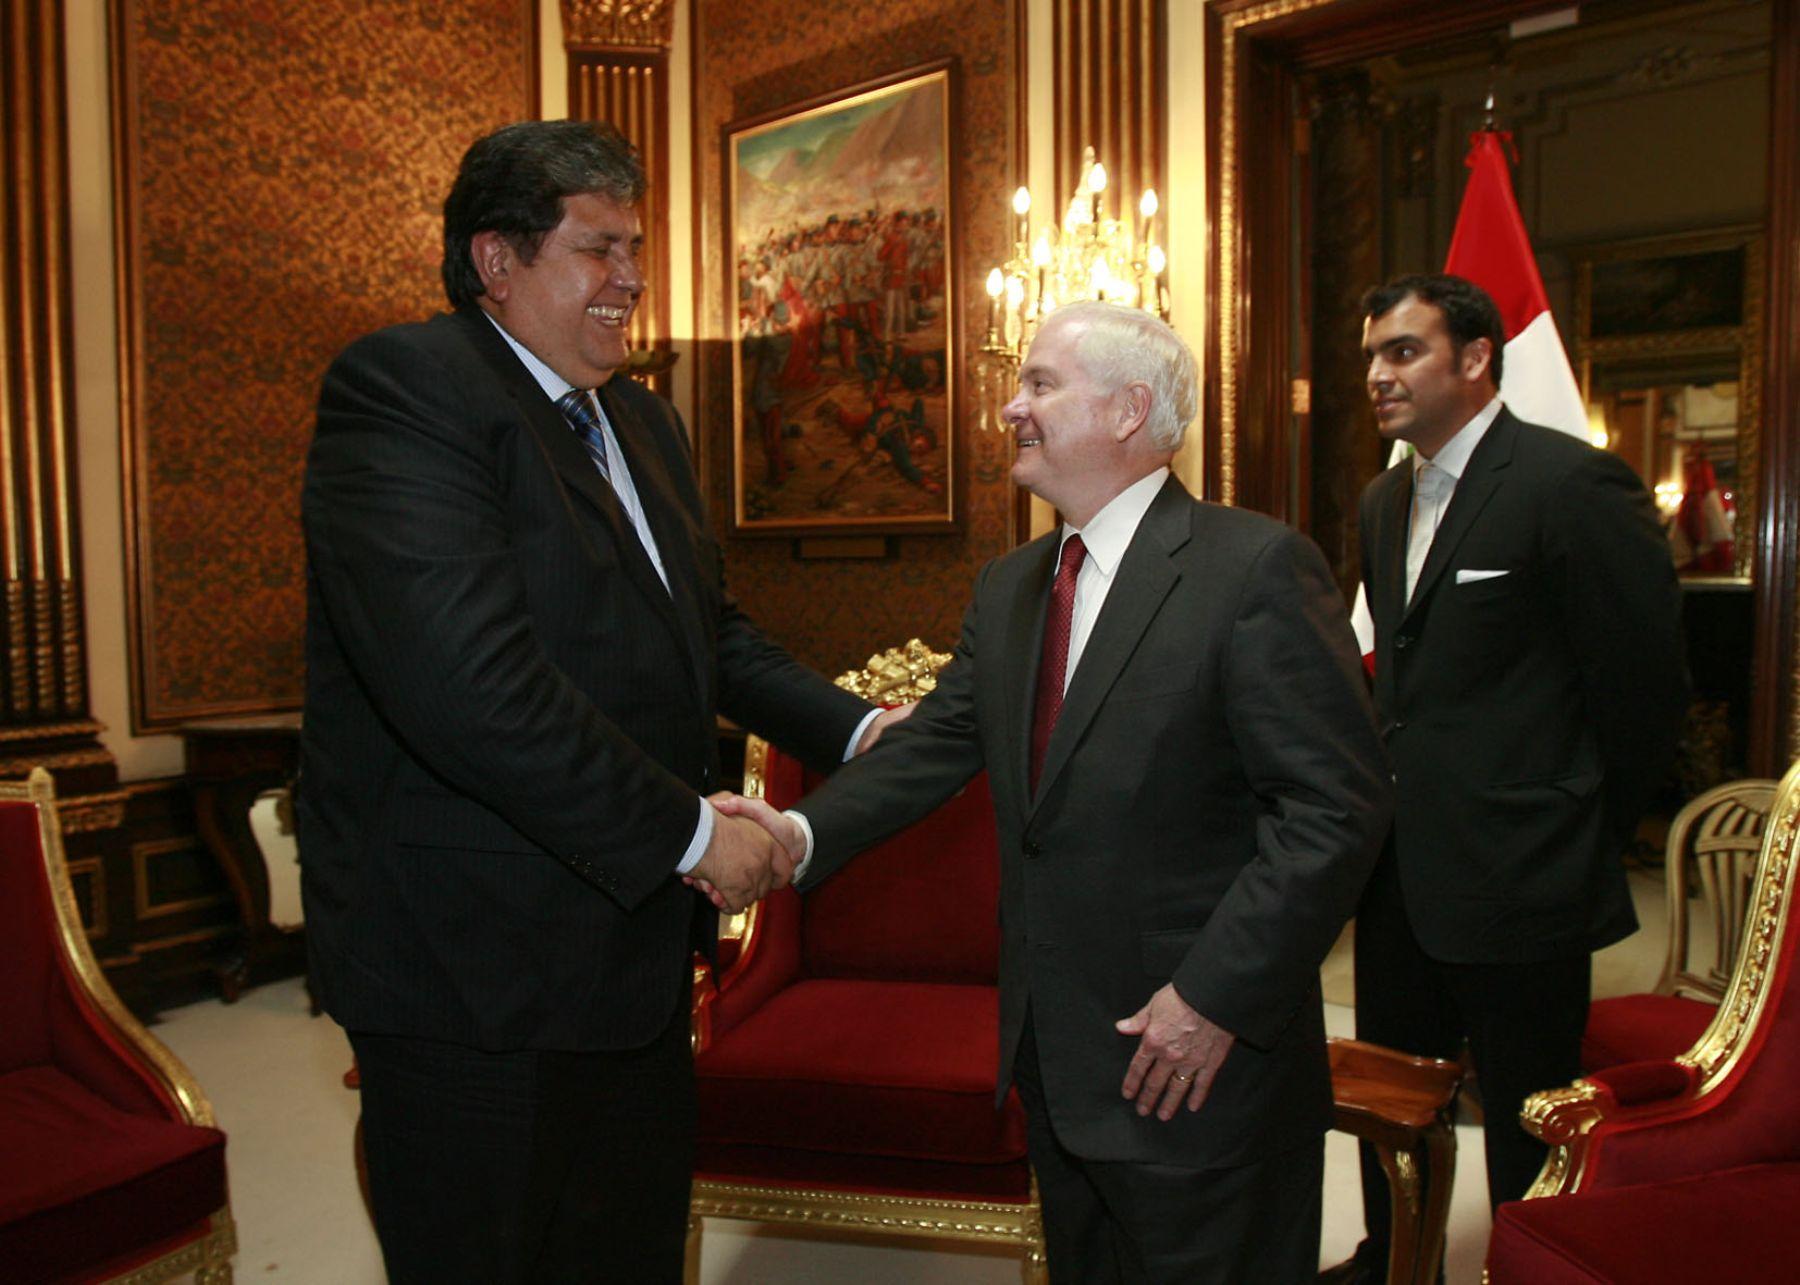 El Presidente de la República, Alan García, recibe en Palacio de Gobierno al secretario de Defensa de Estados Unidos, Robert Gates. Foto: Sepres.